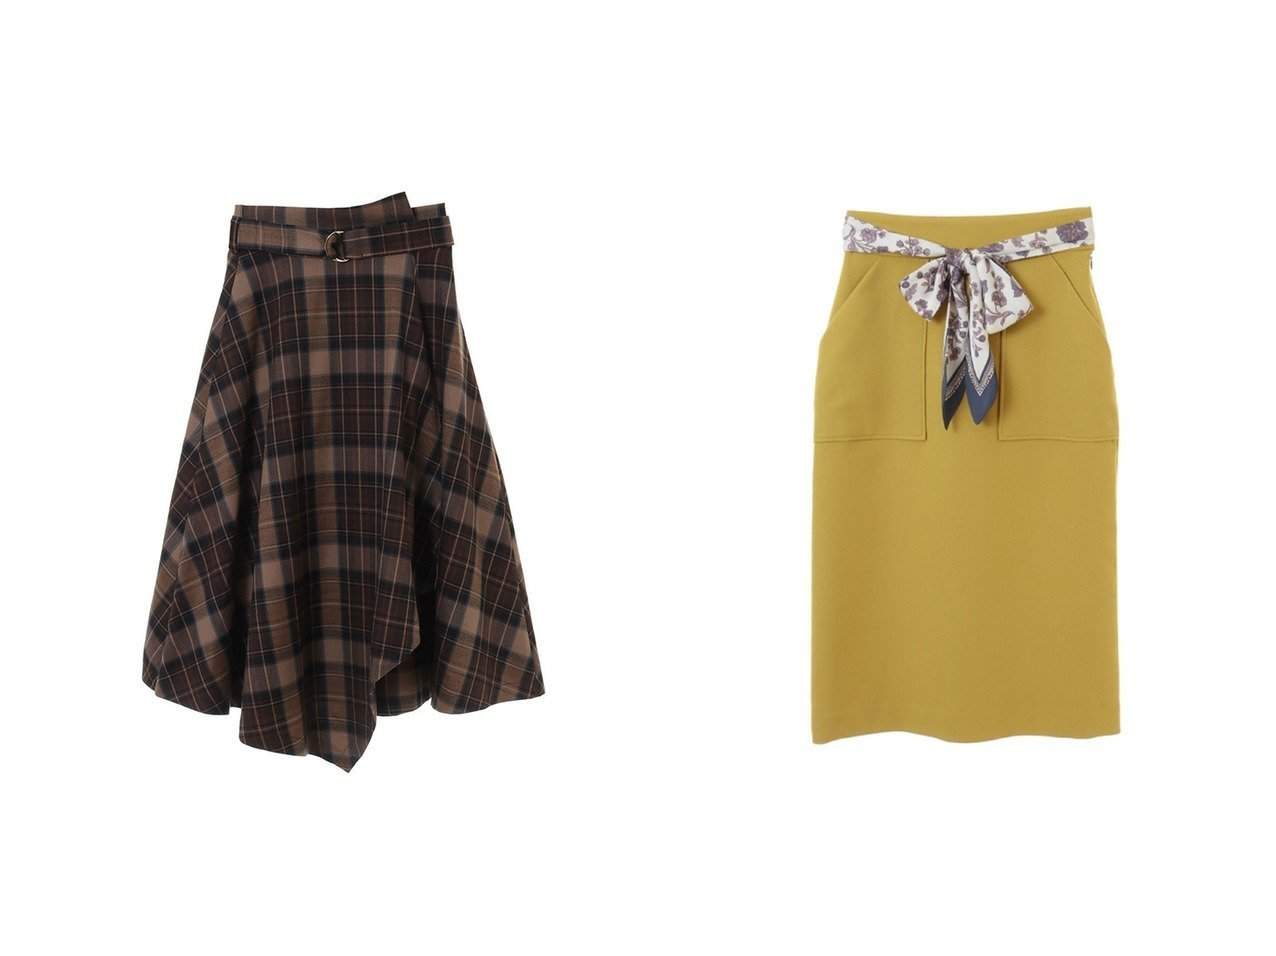 【31 Sons de mode/トランテアン ソン ドゥ モード】の【スカート 】スカーフ付ベルトタイトスカート&【スカート】アシメフレアスカート スカートのおすすめ!人気、レディースファッションの通販 おすすめで人気のファッション通販商品 インテリア・家具・キッズファッション・メンズファッション・レディースファッション・服の通販 founy(ファニー) https://founy.com/ ファッション Fashion レディース WOMEN スカート Skirt Aライン/フレアスカート Flared A-Line Skirts ベルト Belts エレガント スカーフ スリット 冬 Winter |ID:crp329100000001514